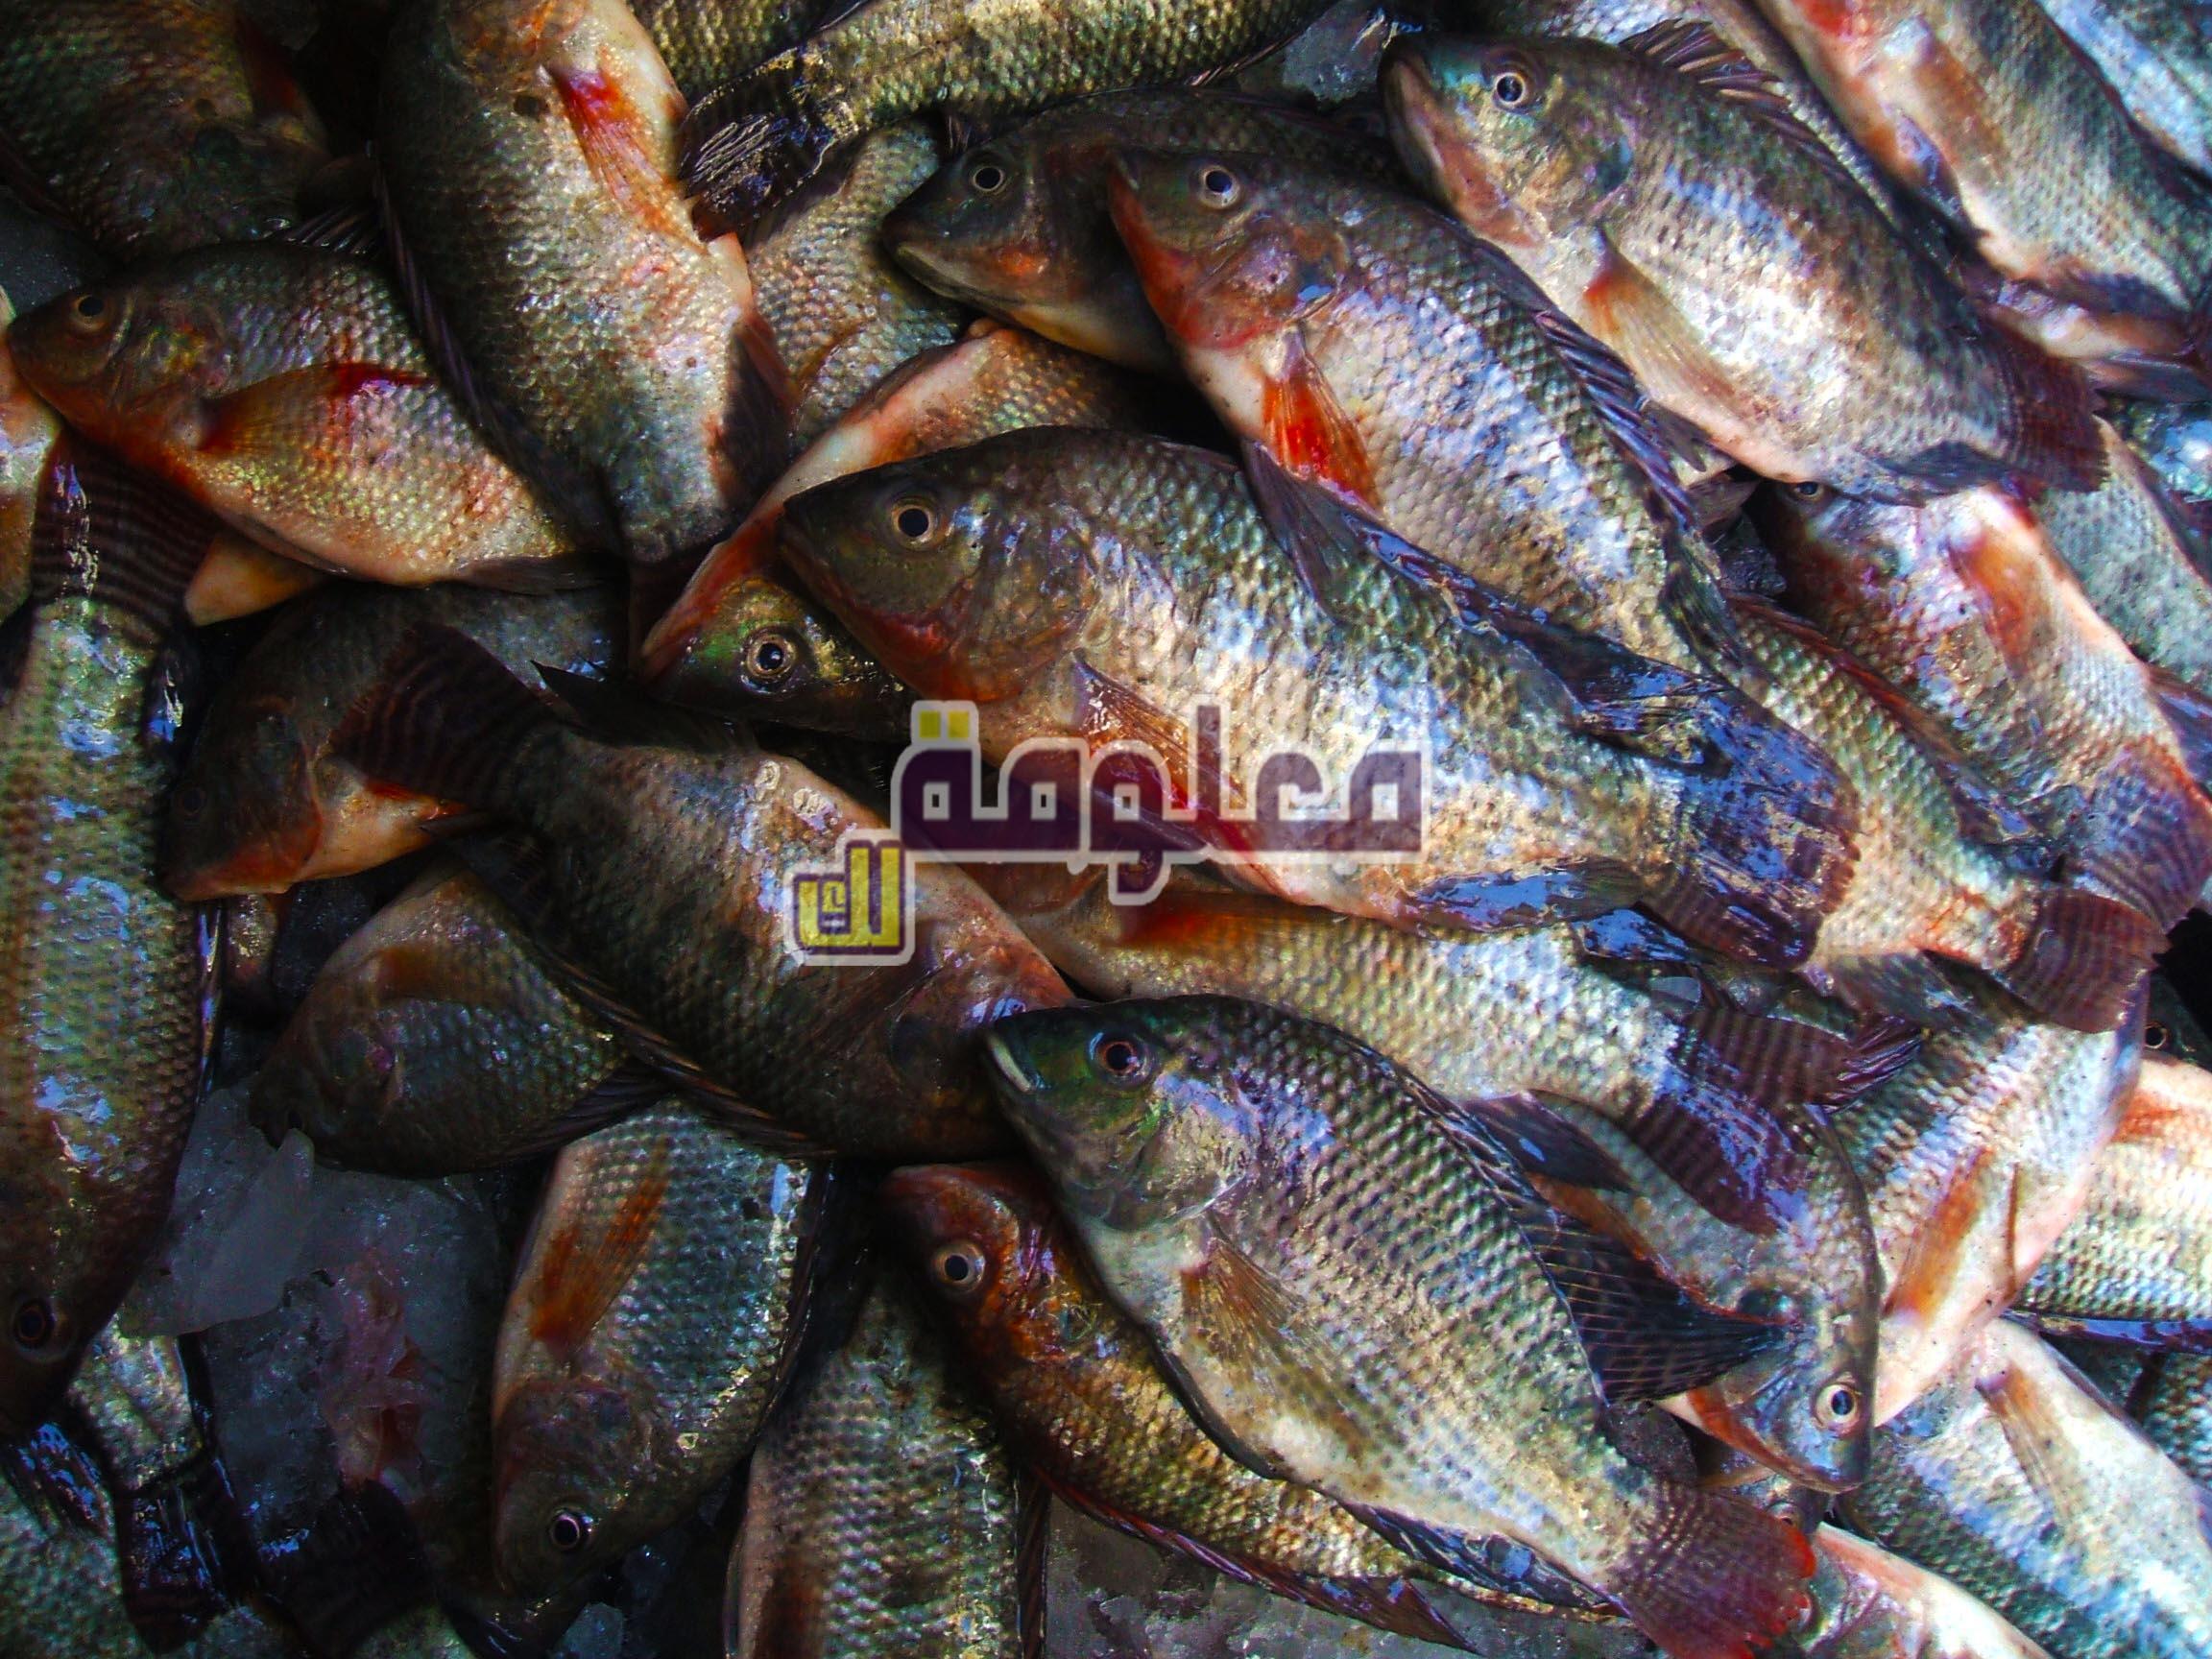 تفسير حلم رؤية سمك البلطي في المنام